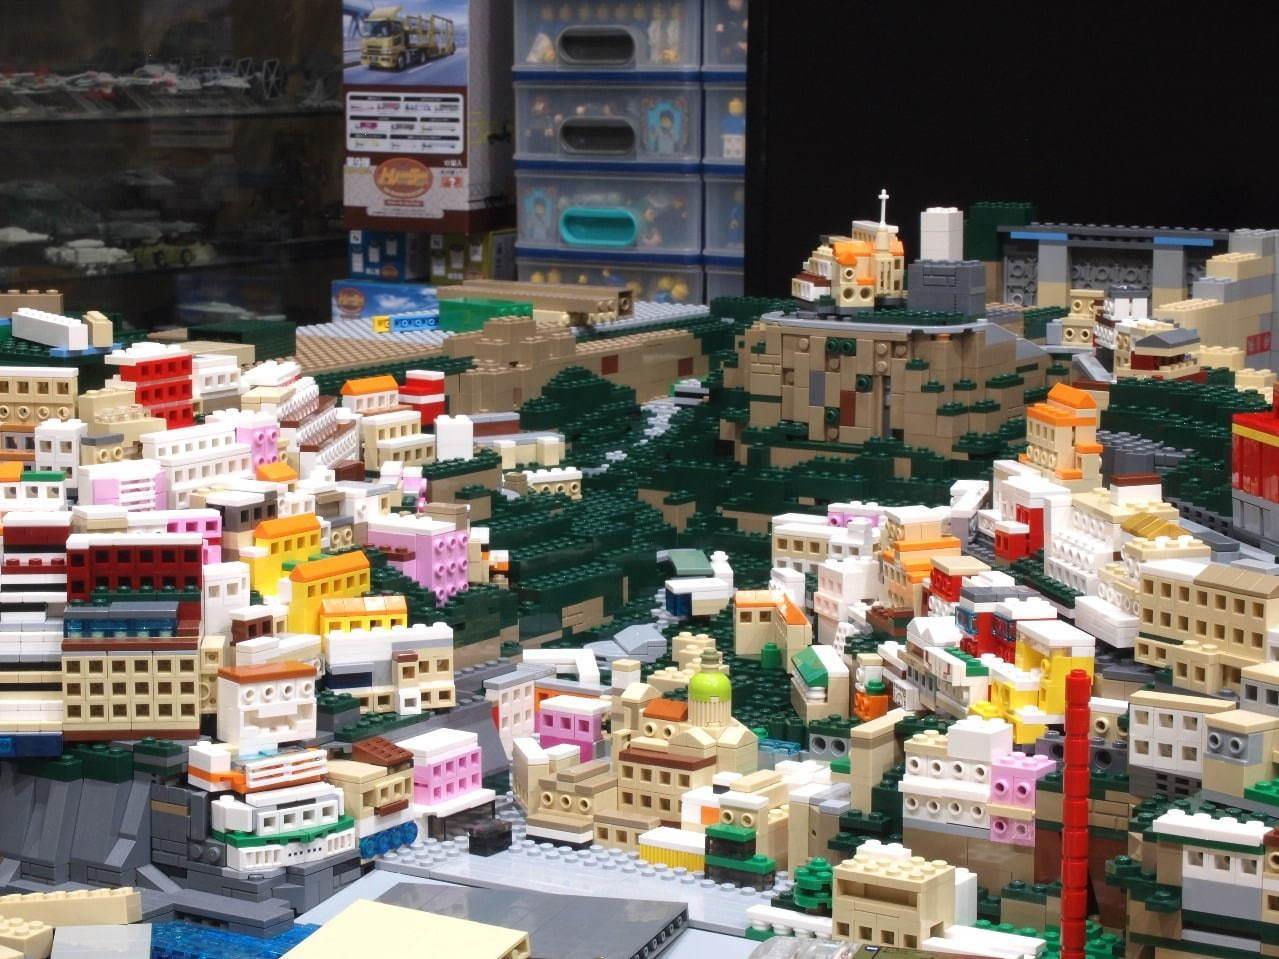 レゴブロックで作った世界遺産の企画展「PIECE OF PEACE」